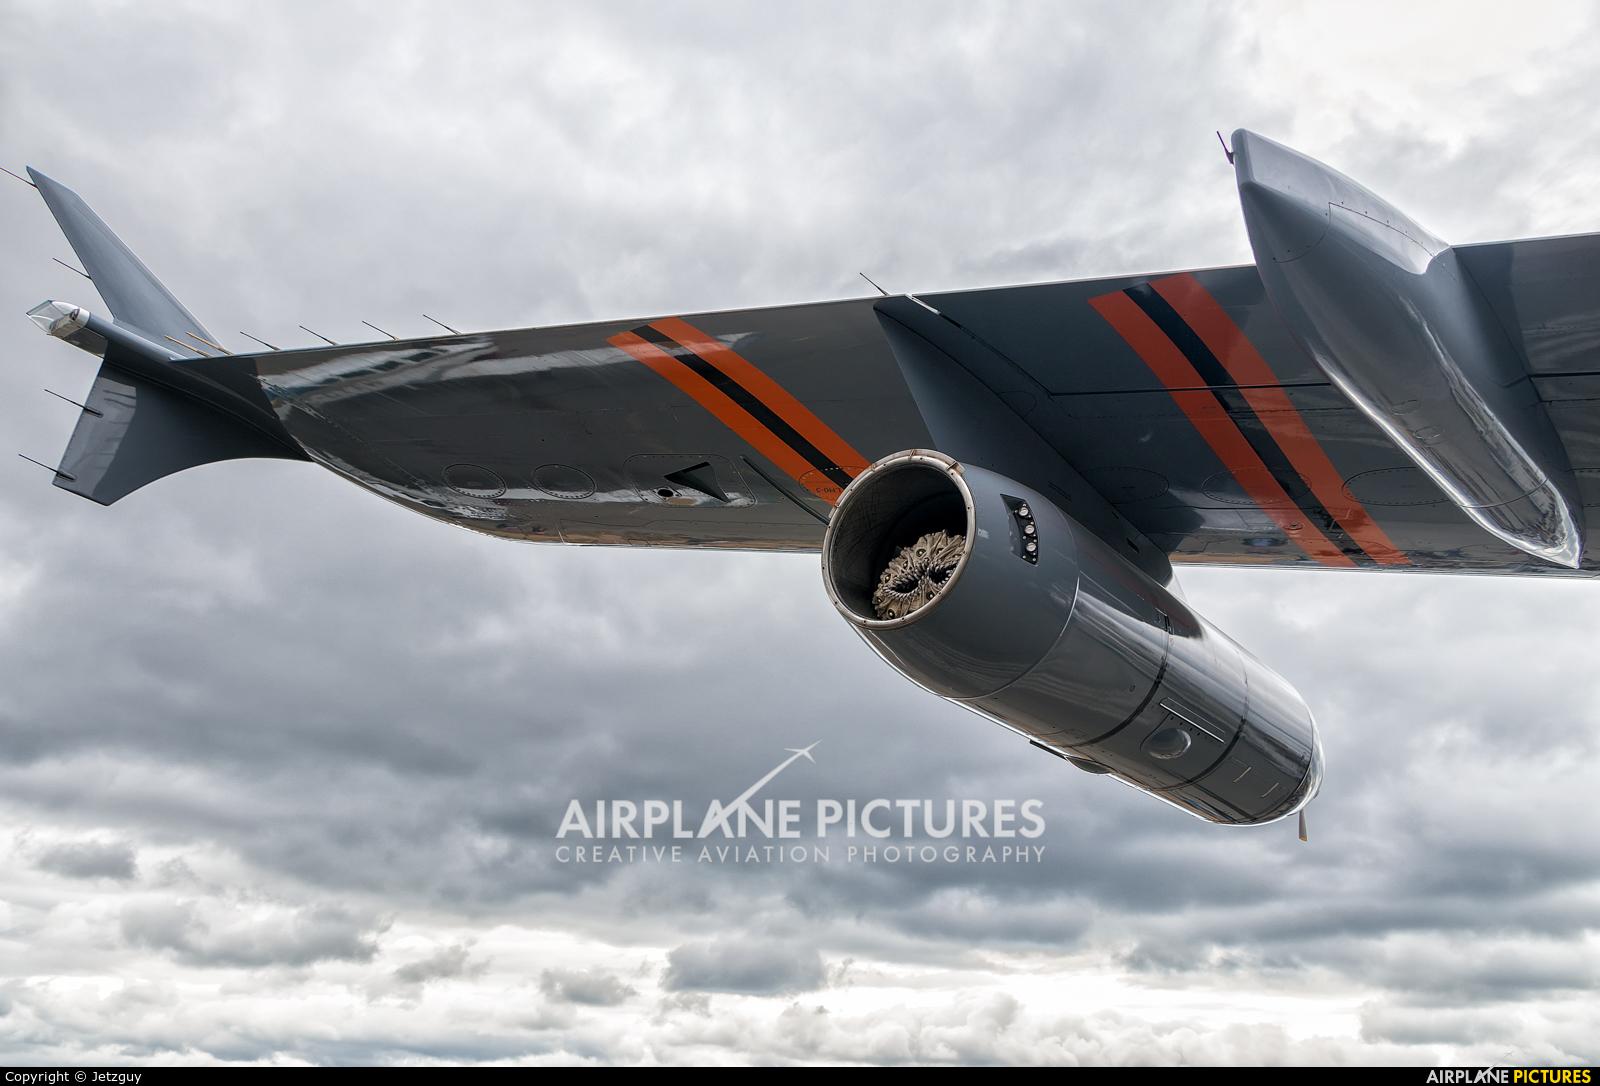 Canada - Air Force 15005 aircraft at Abbotsford, BC